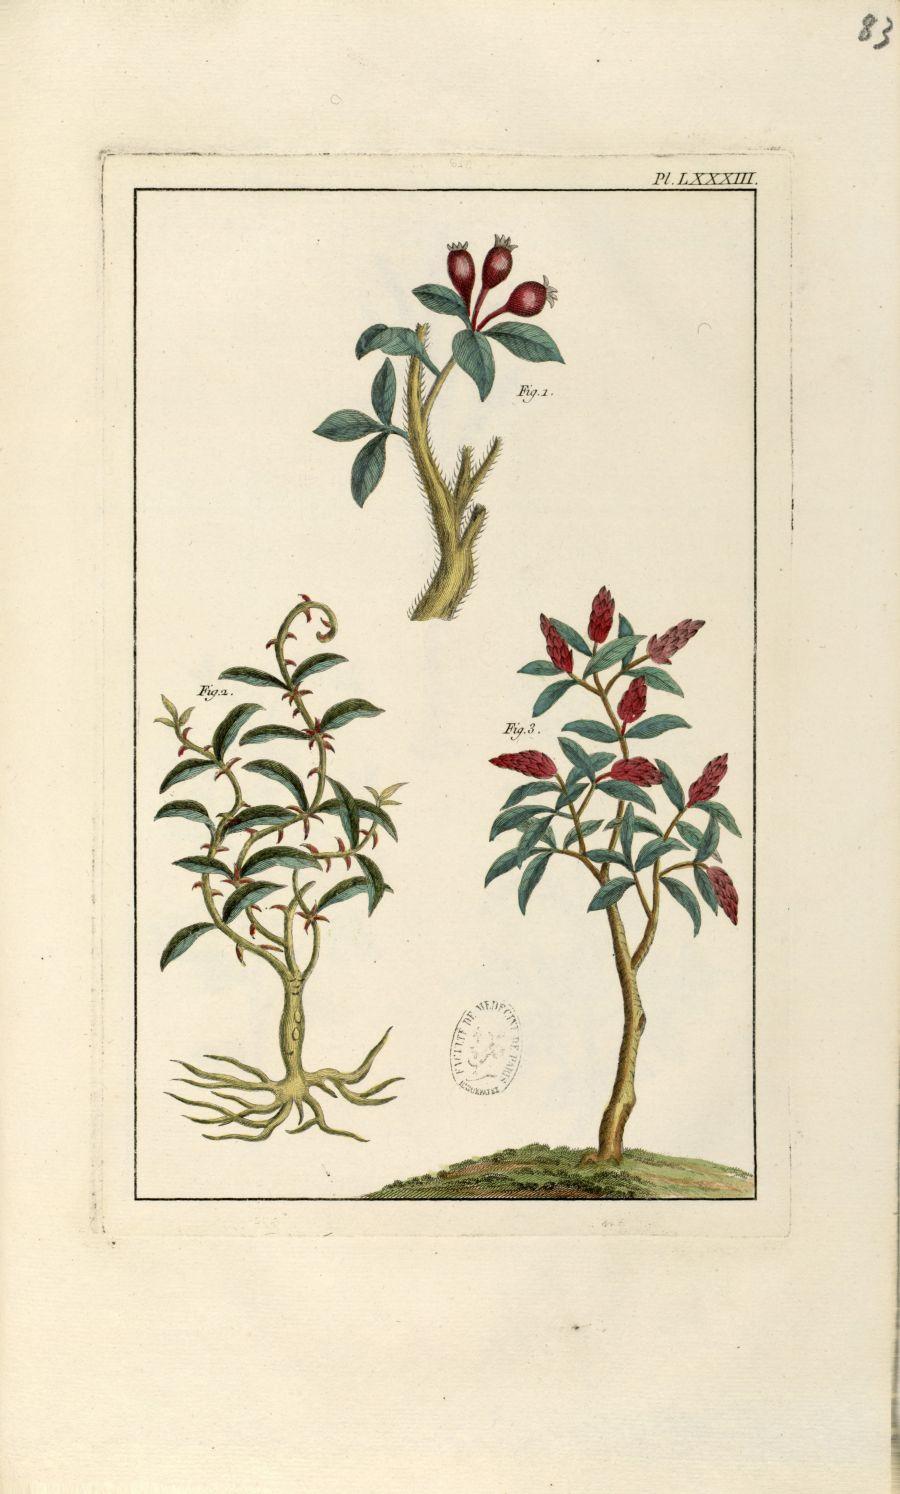 Planche LXXXIII - Herbier ou collection des plantes médicinales de la Chine d'après un manuscrit pei [...] - Botanique. Plantes (médecine). Chine. 18e siècle - med01989x0086